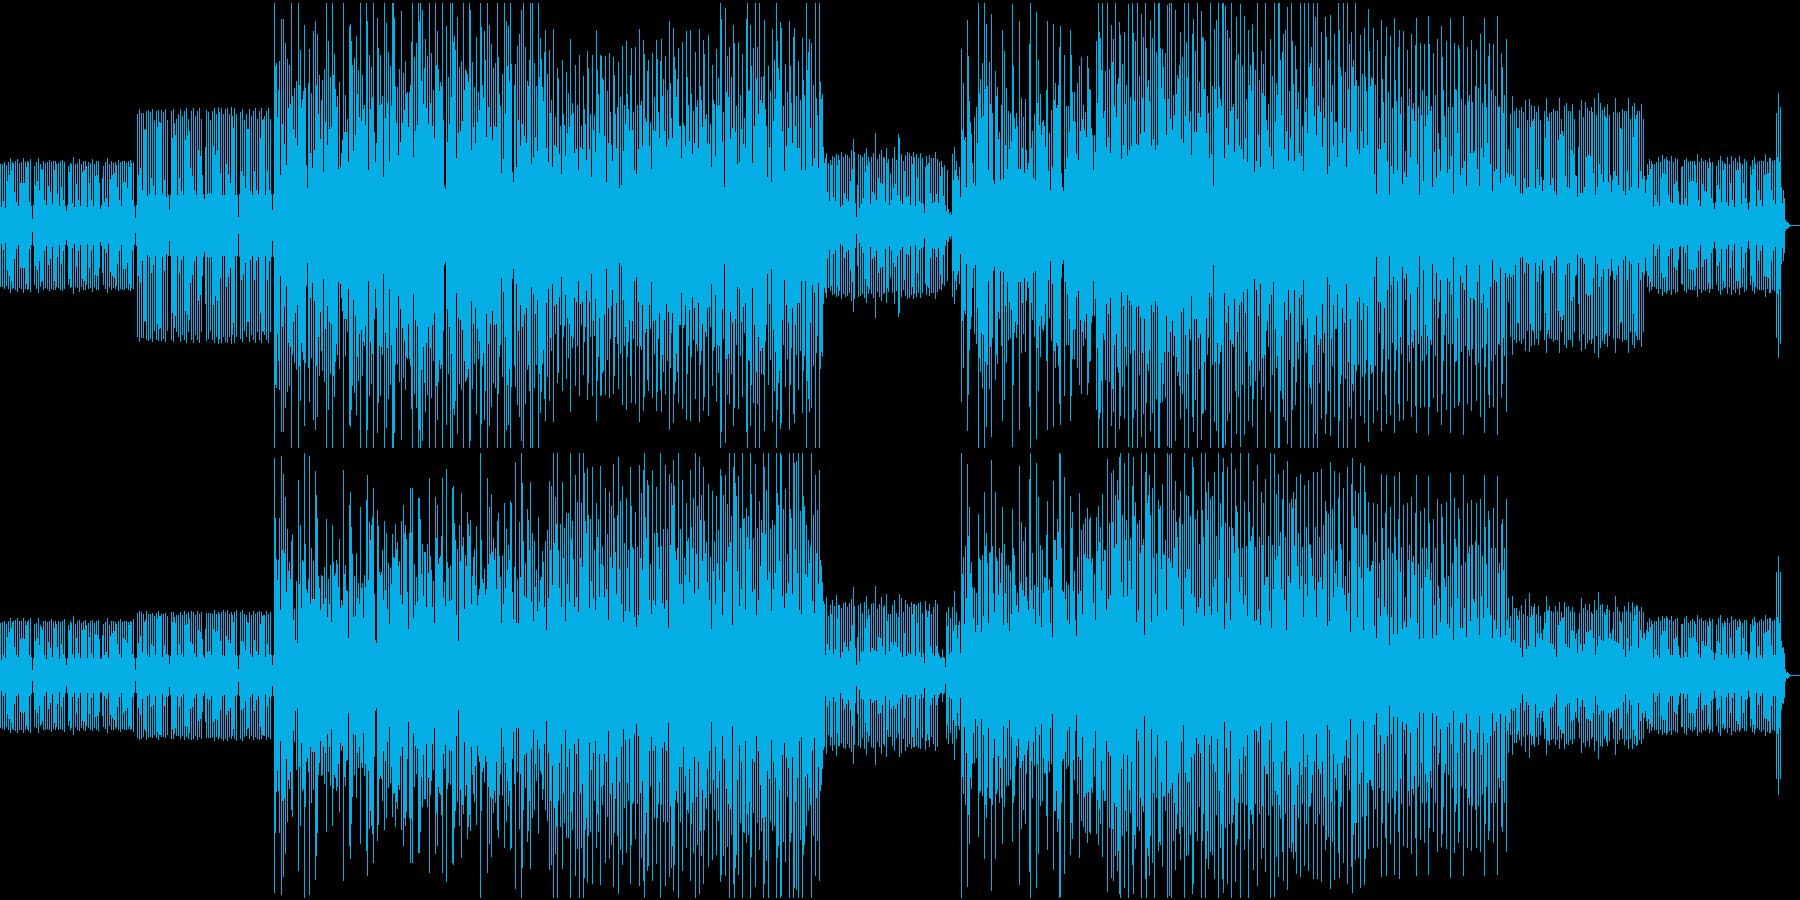 エレクトロBGM1の再生済みの波形